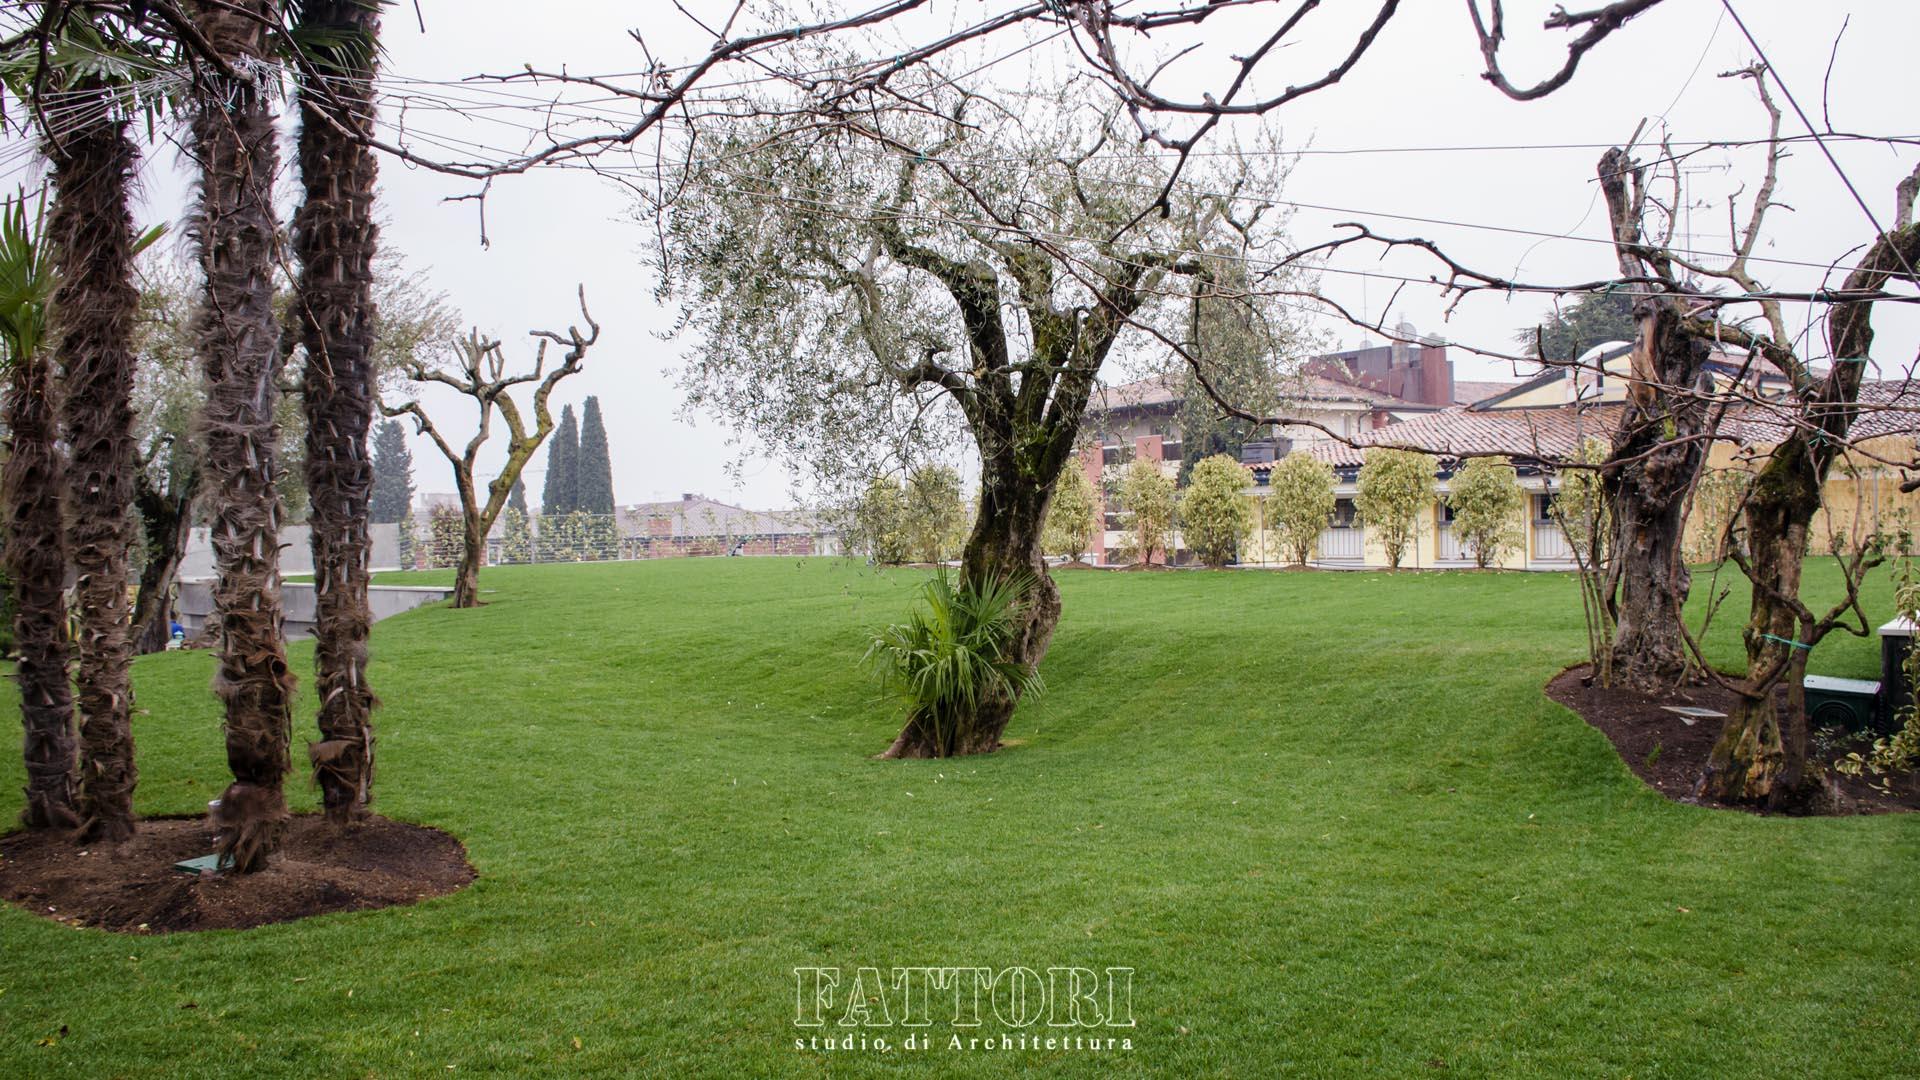 Studio di Architettura Fattori Fausto - Hotel Olivi Sirmione - progetto copertura parcheggio con solaio post teso 103